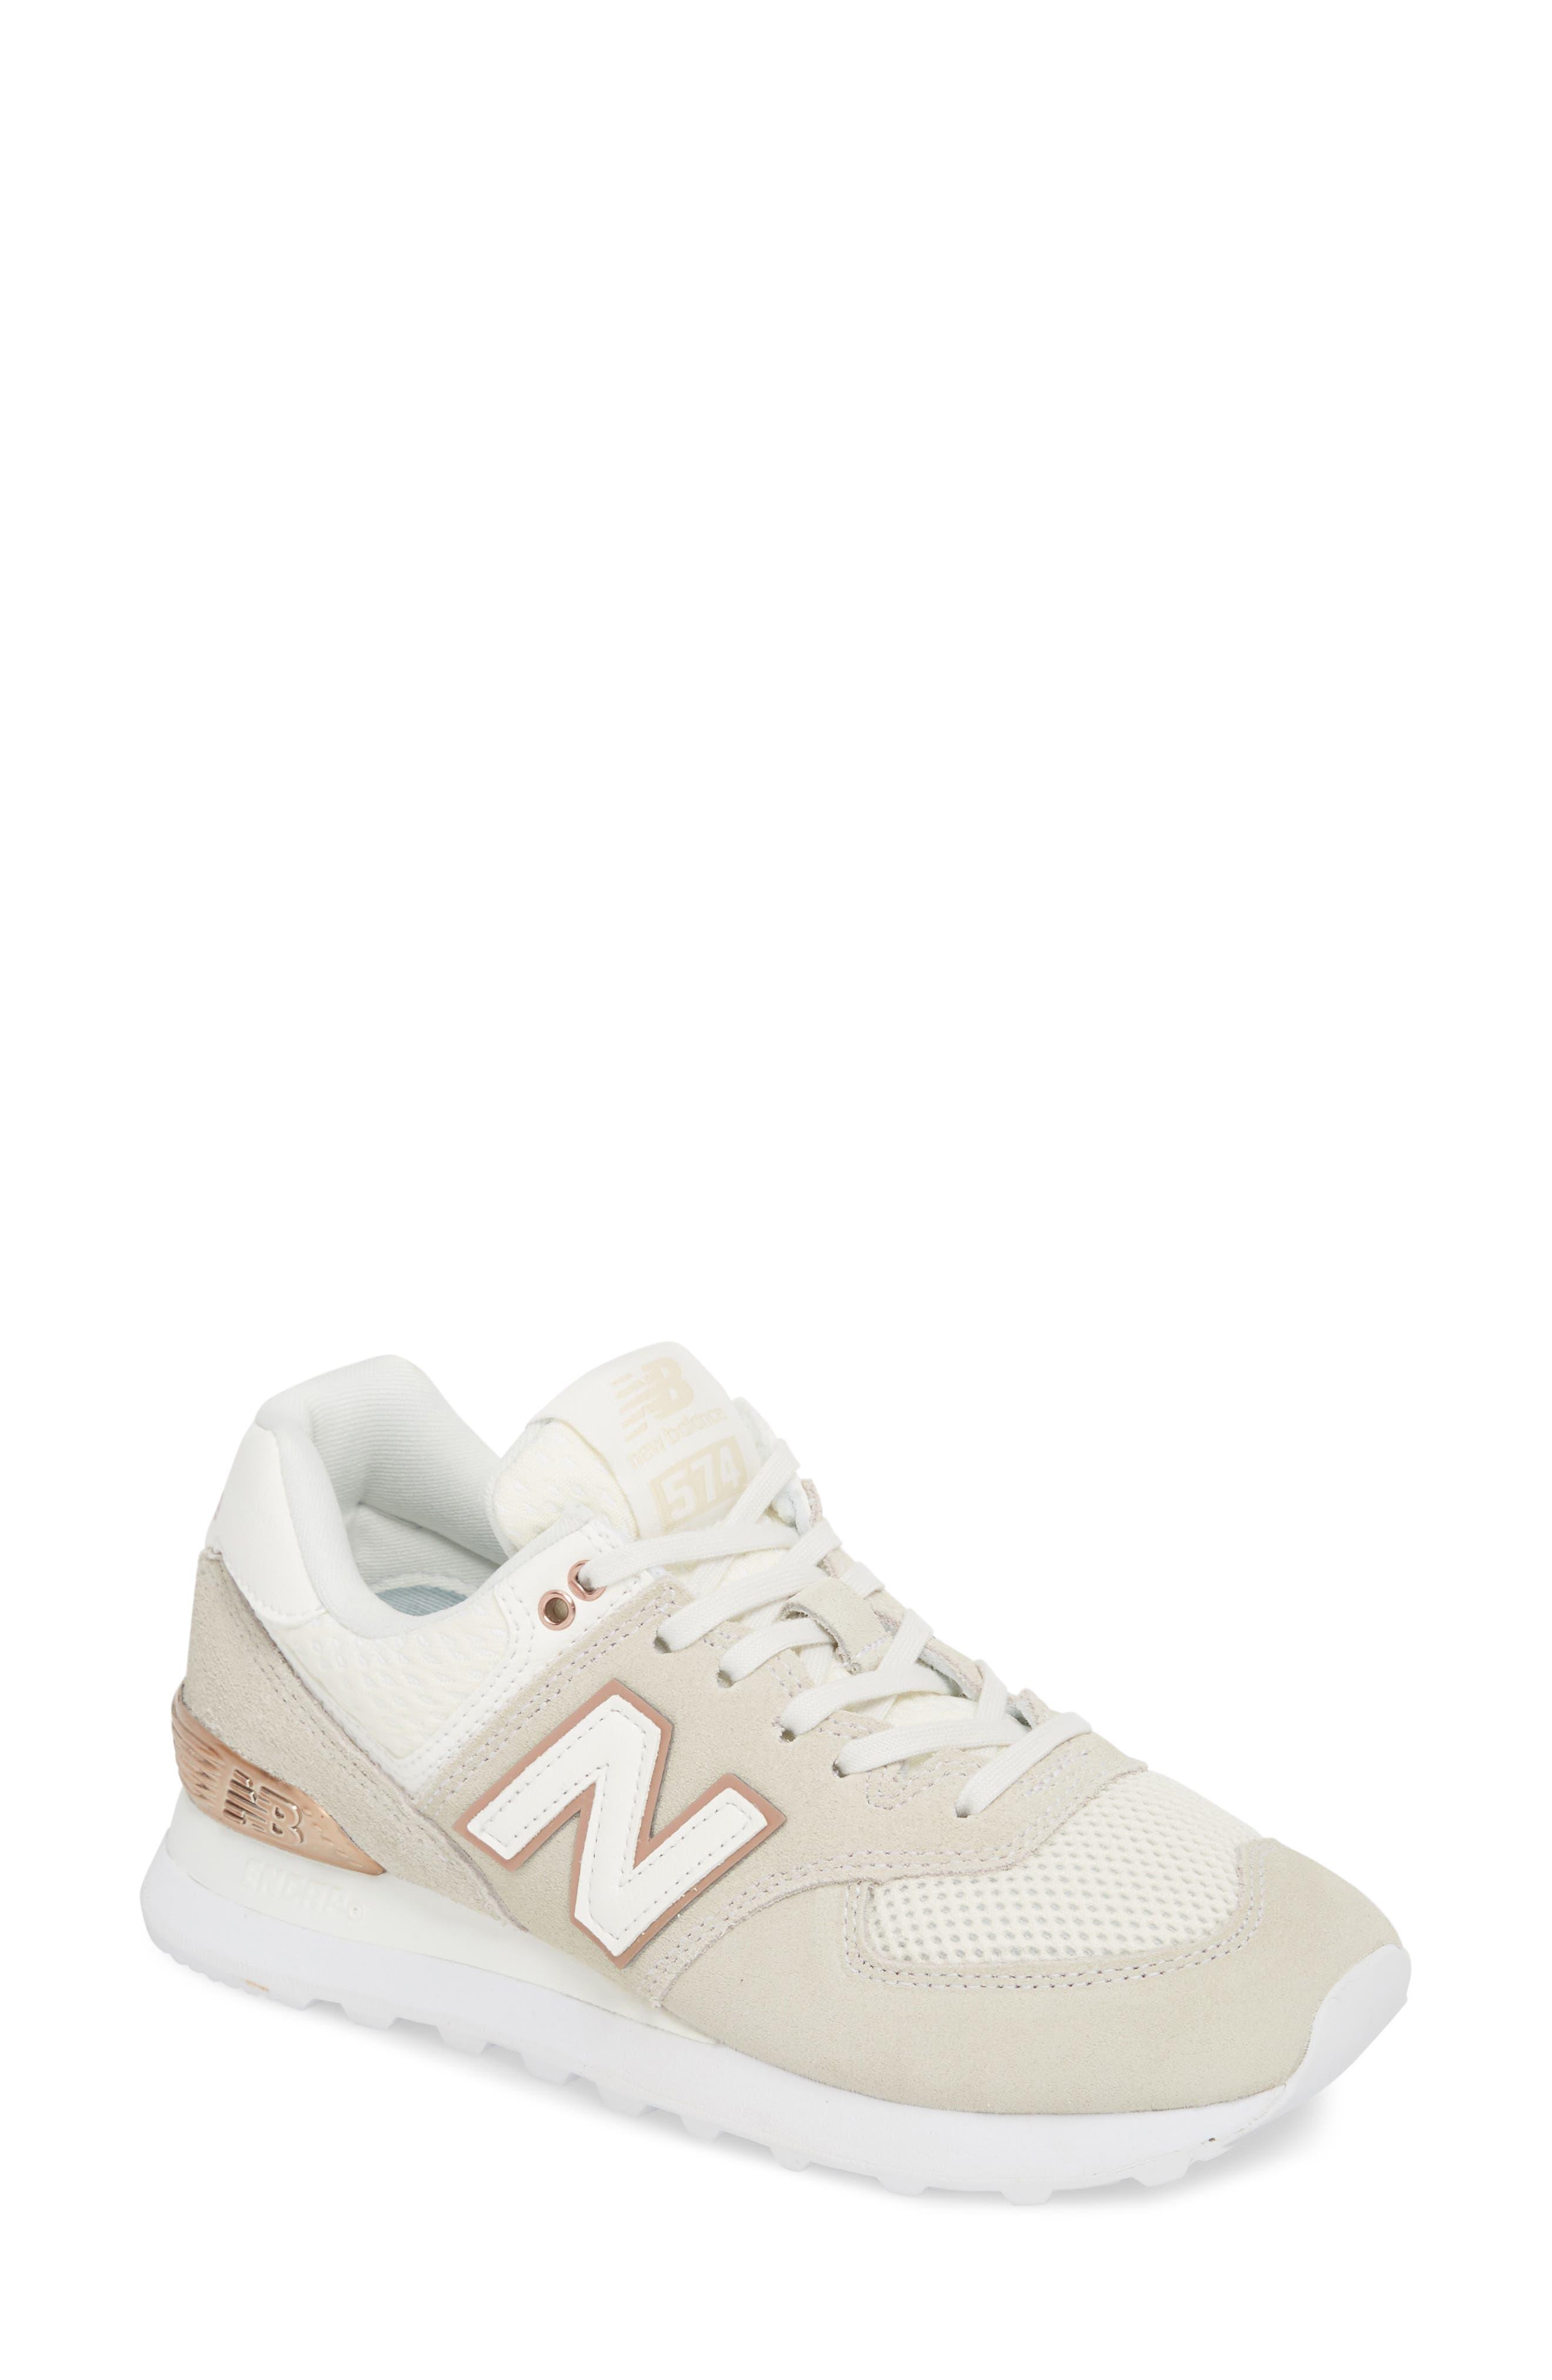 574 Sneaker,                         Main,                         color,